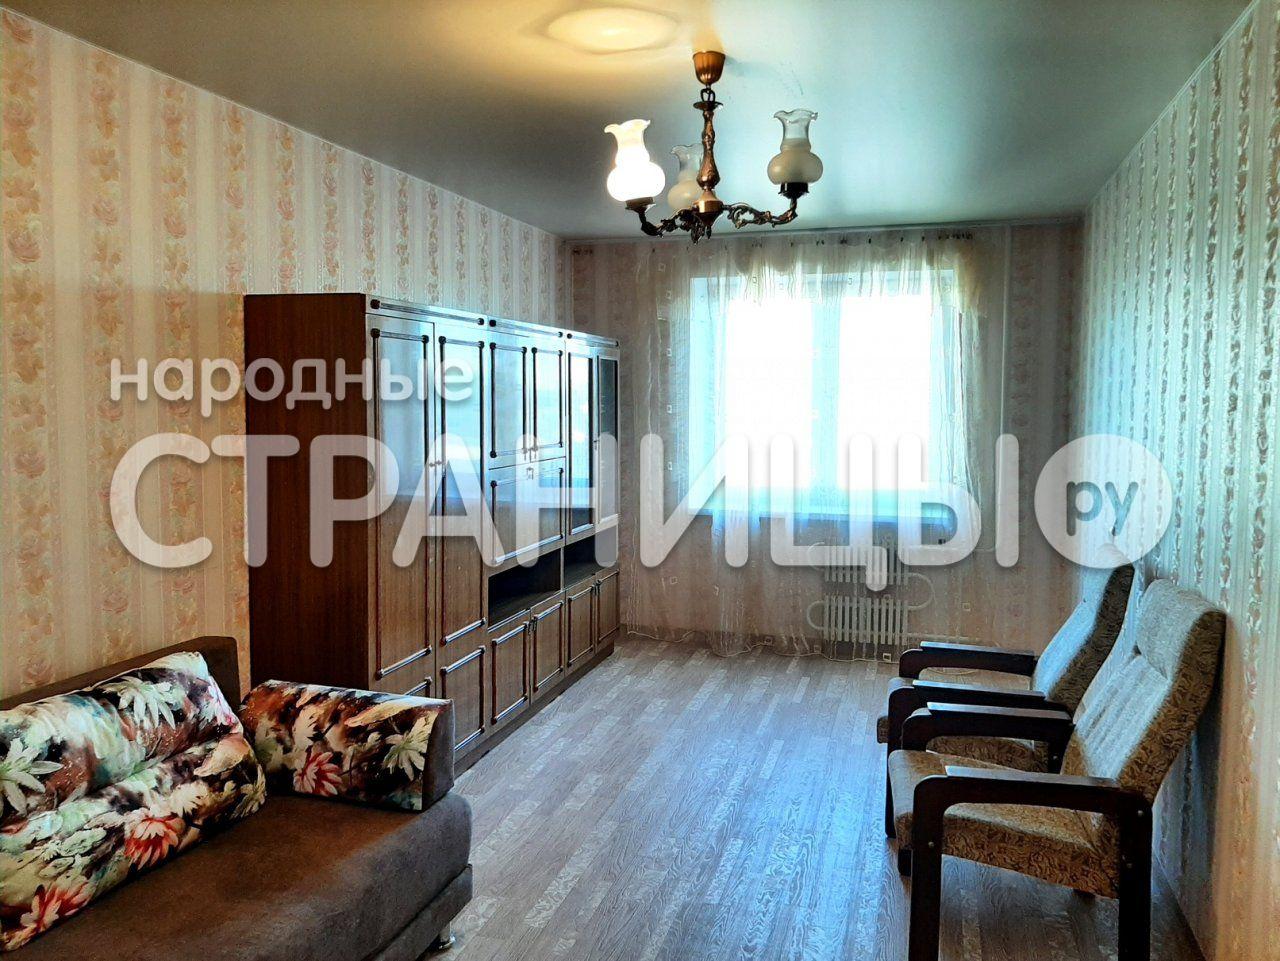 1-комнатная квартира, 39.0 м²,  15/16 эт. Кирпичный дом, Вторичное жилье